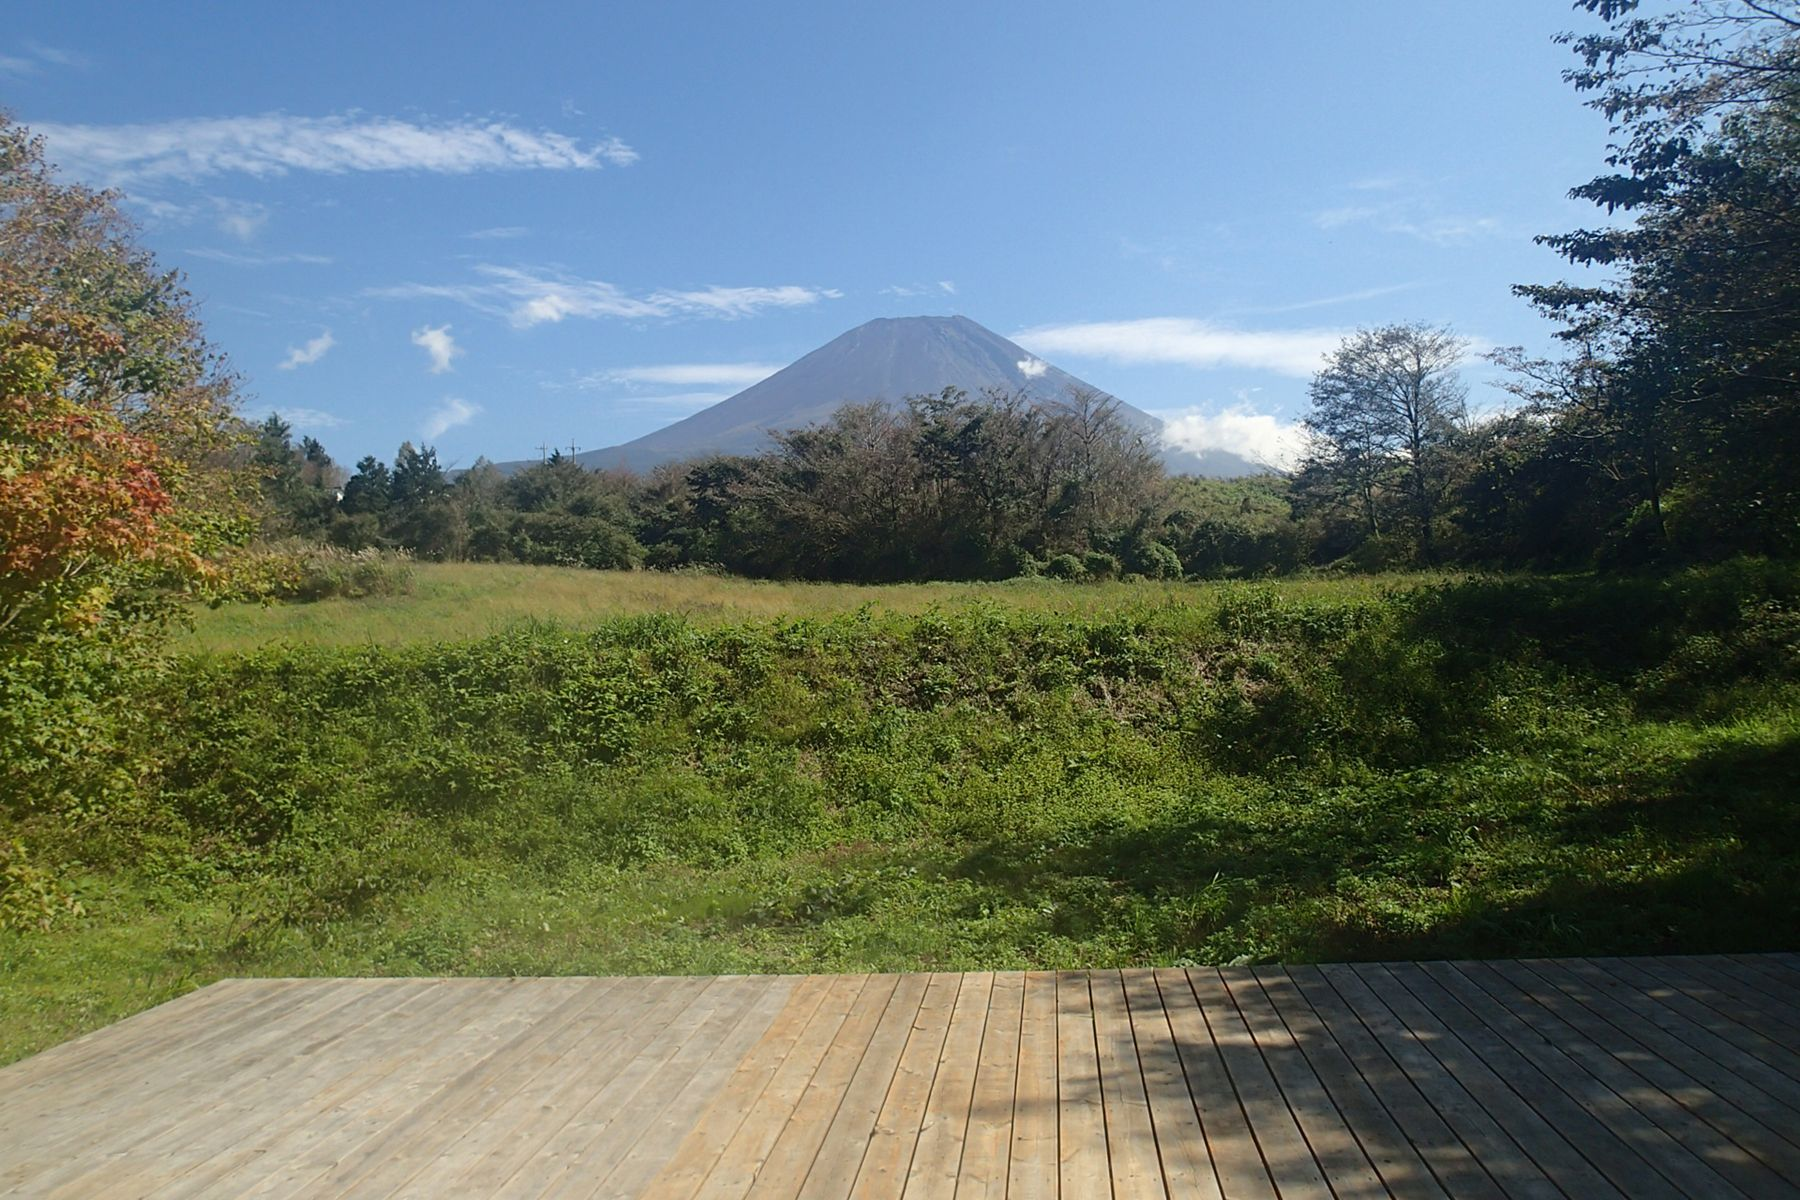 グリーンゲーブル富士ヶ嶺 (グリーンゲーブルフジガネ)ウッドデッキ 富士山